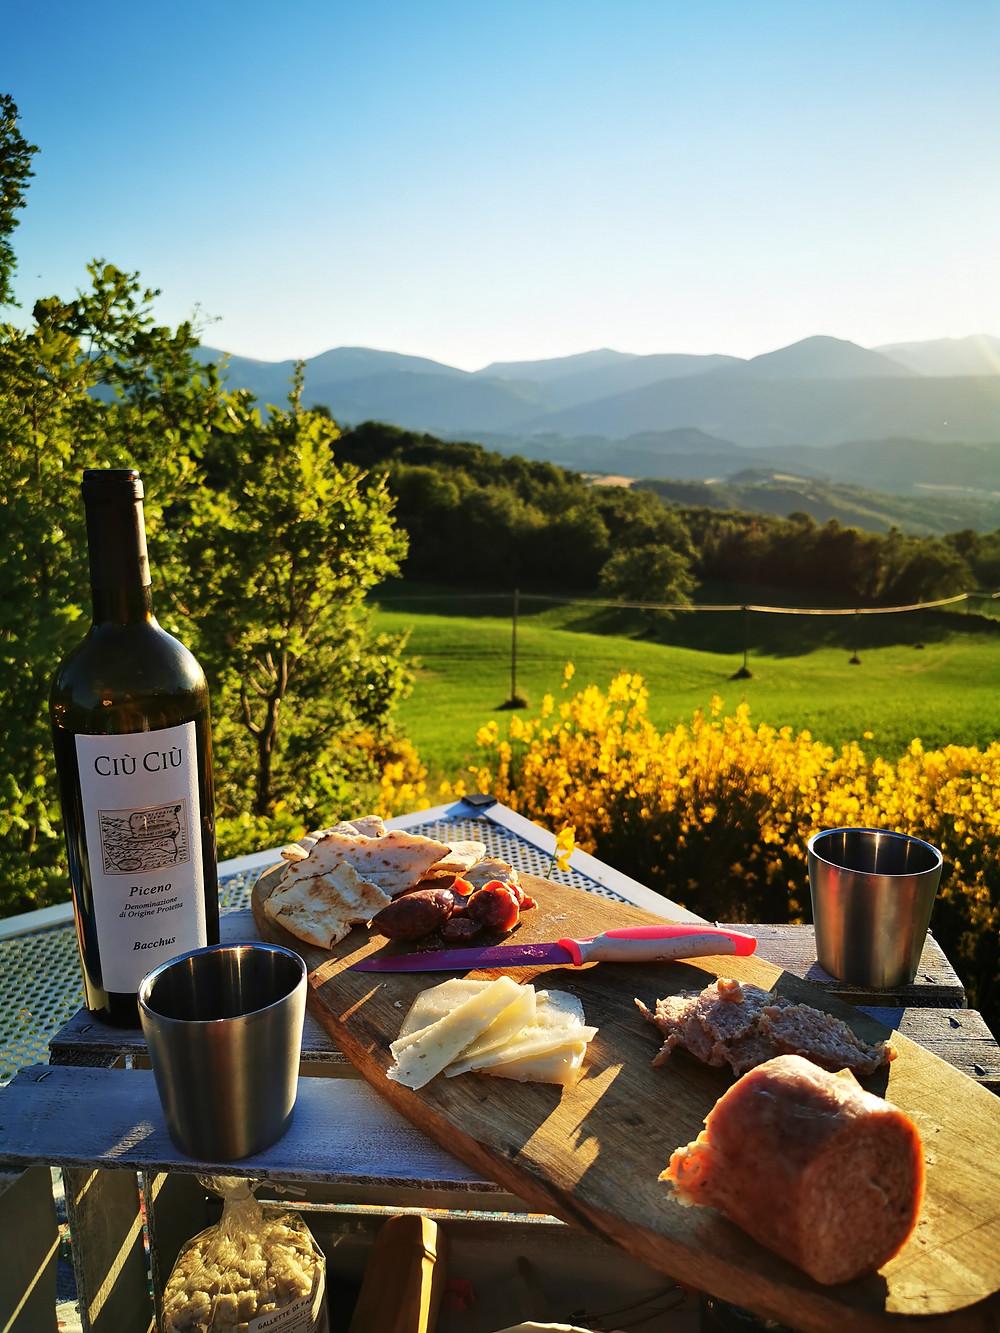 Aperitivo con prodotti tipici Umbri sopra al rooftop di CampUp. Bottiglia di vino della cantina Ciù Ciù, salame ciauscolo e pecorino.